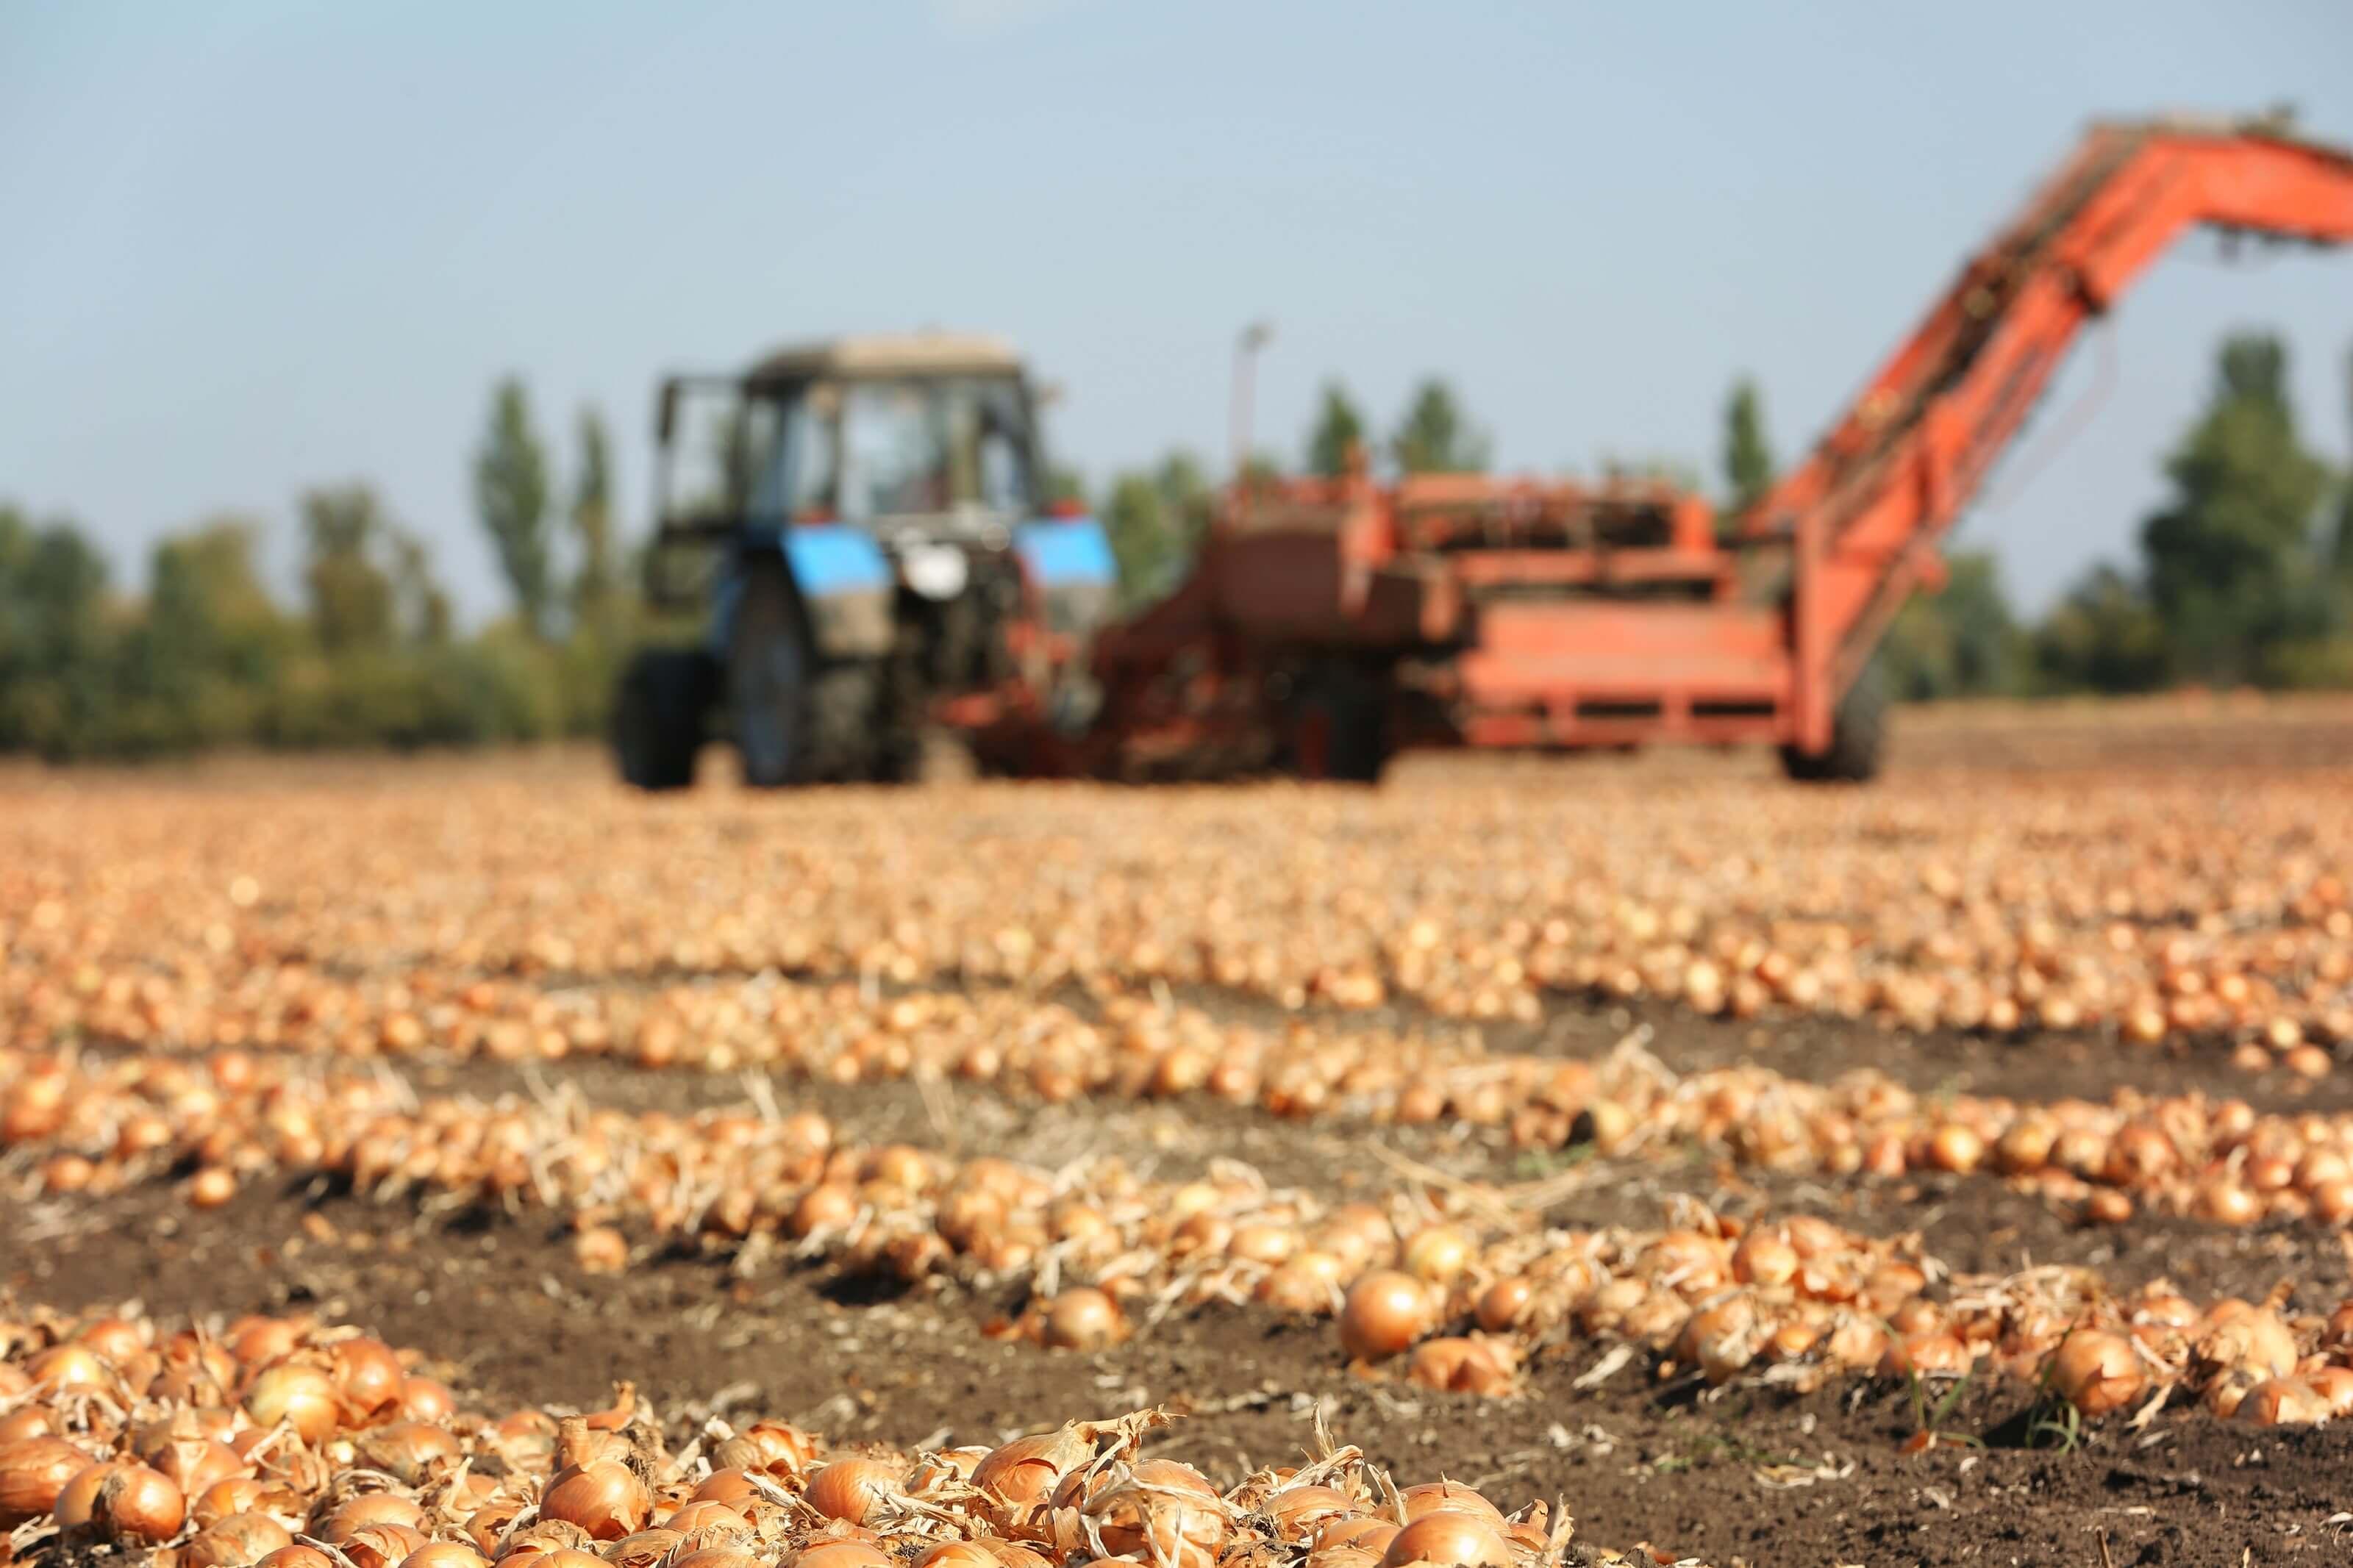 Westhoeve Potatoes uien oogsten met tractor